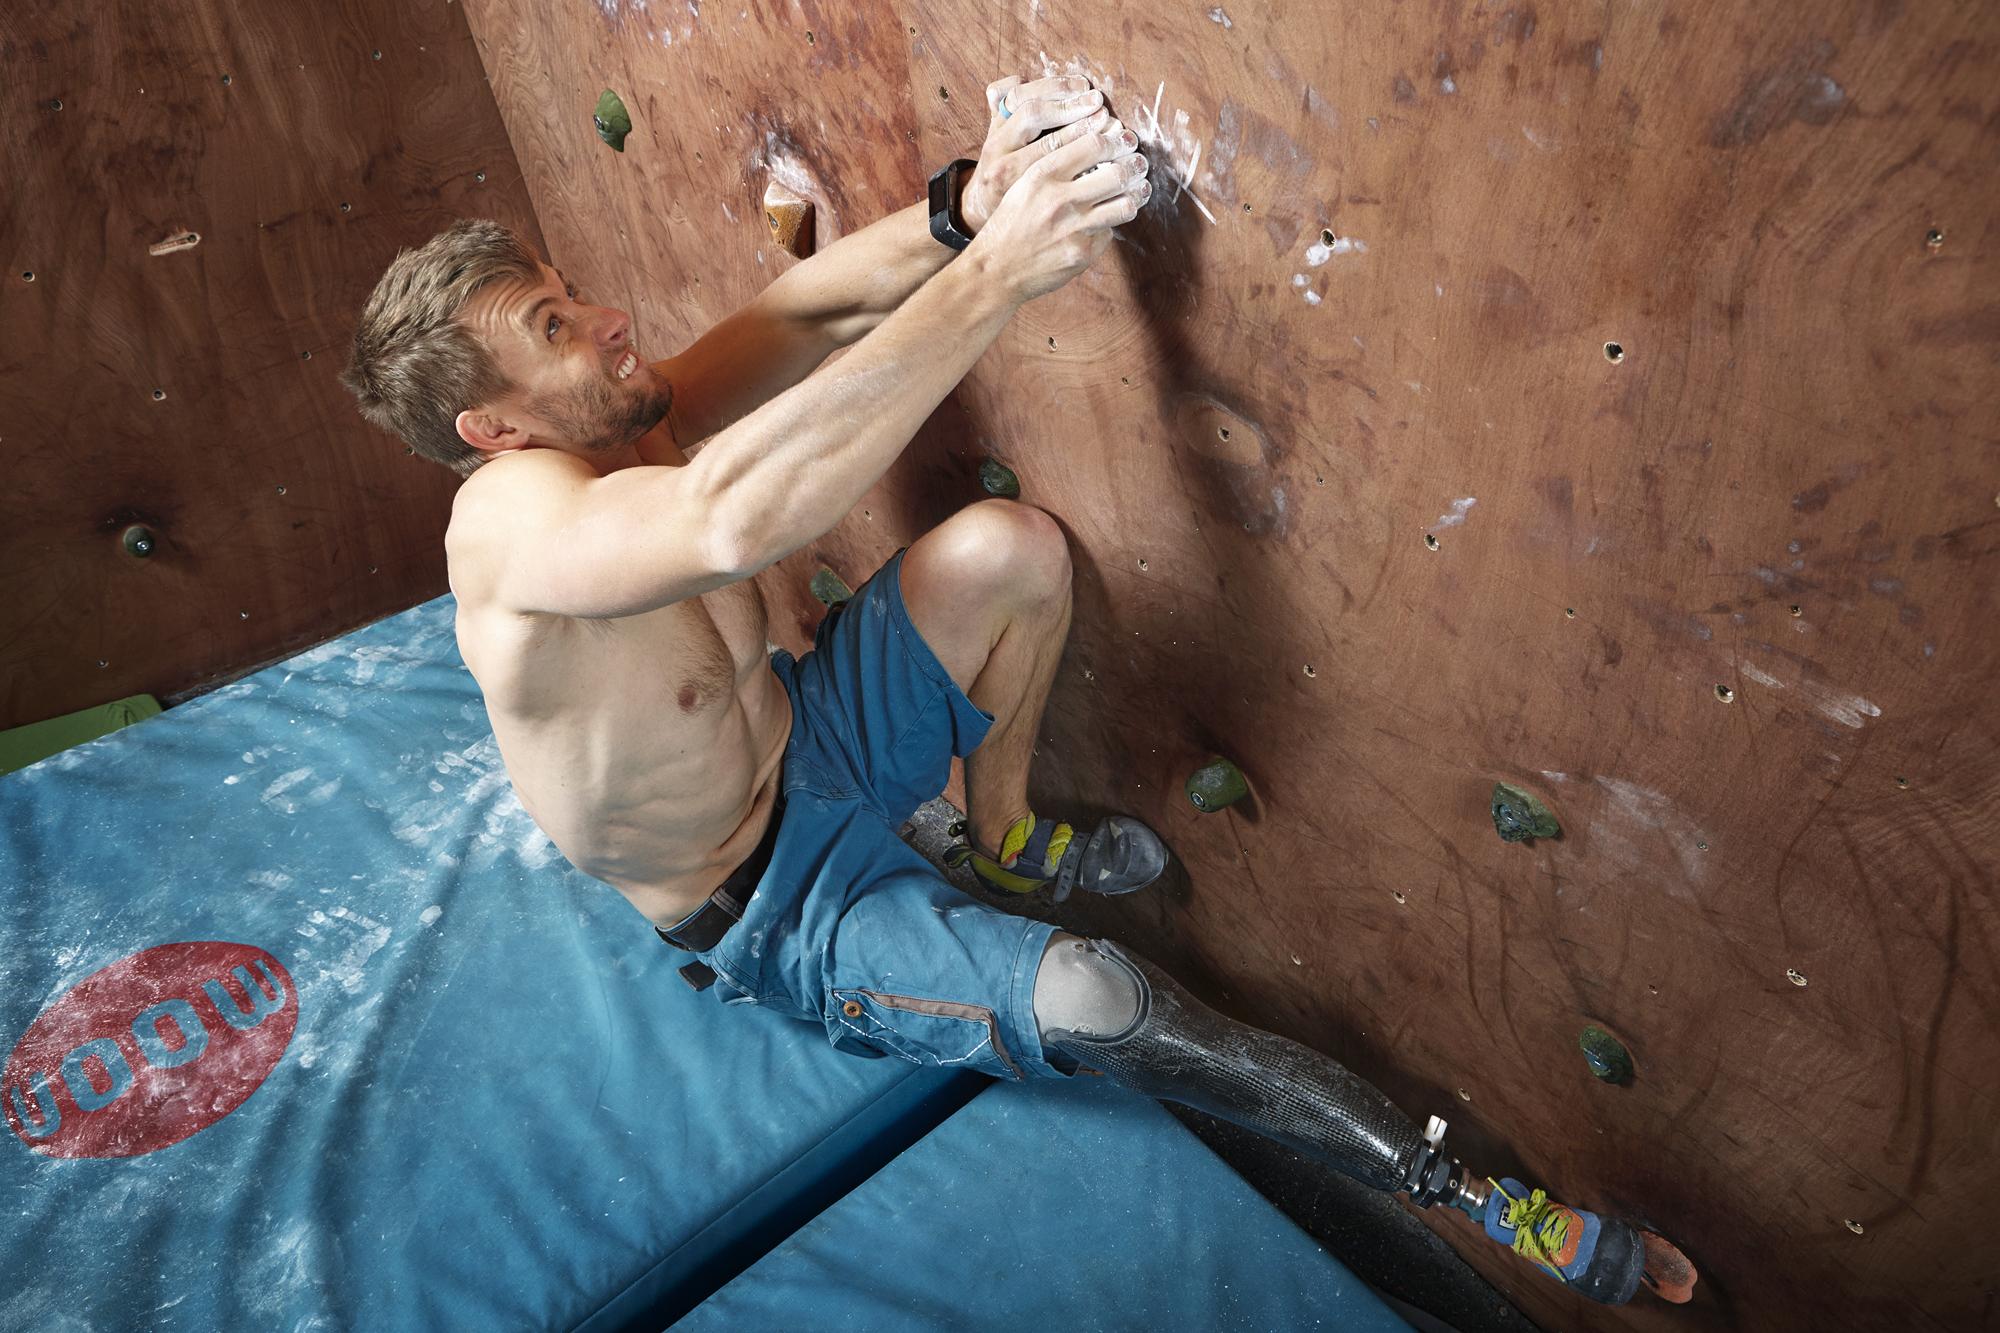 JoshSenior_GBparaclimber_3.jpg